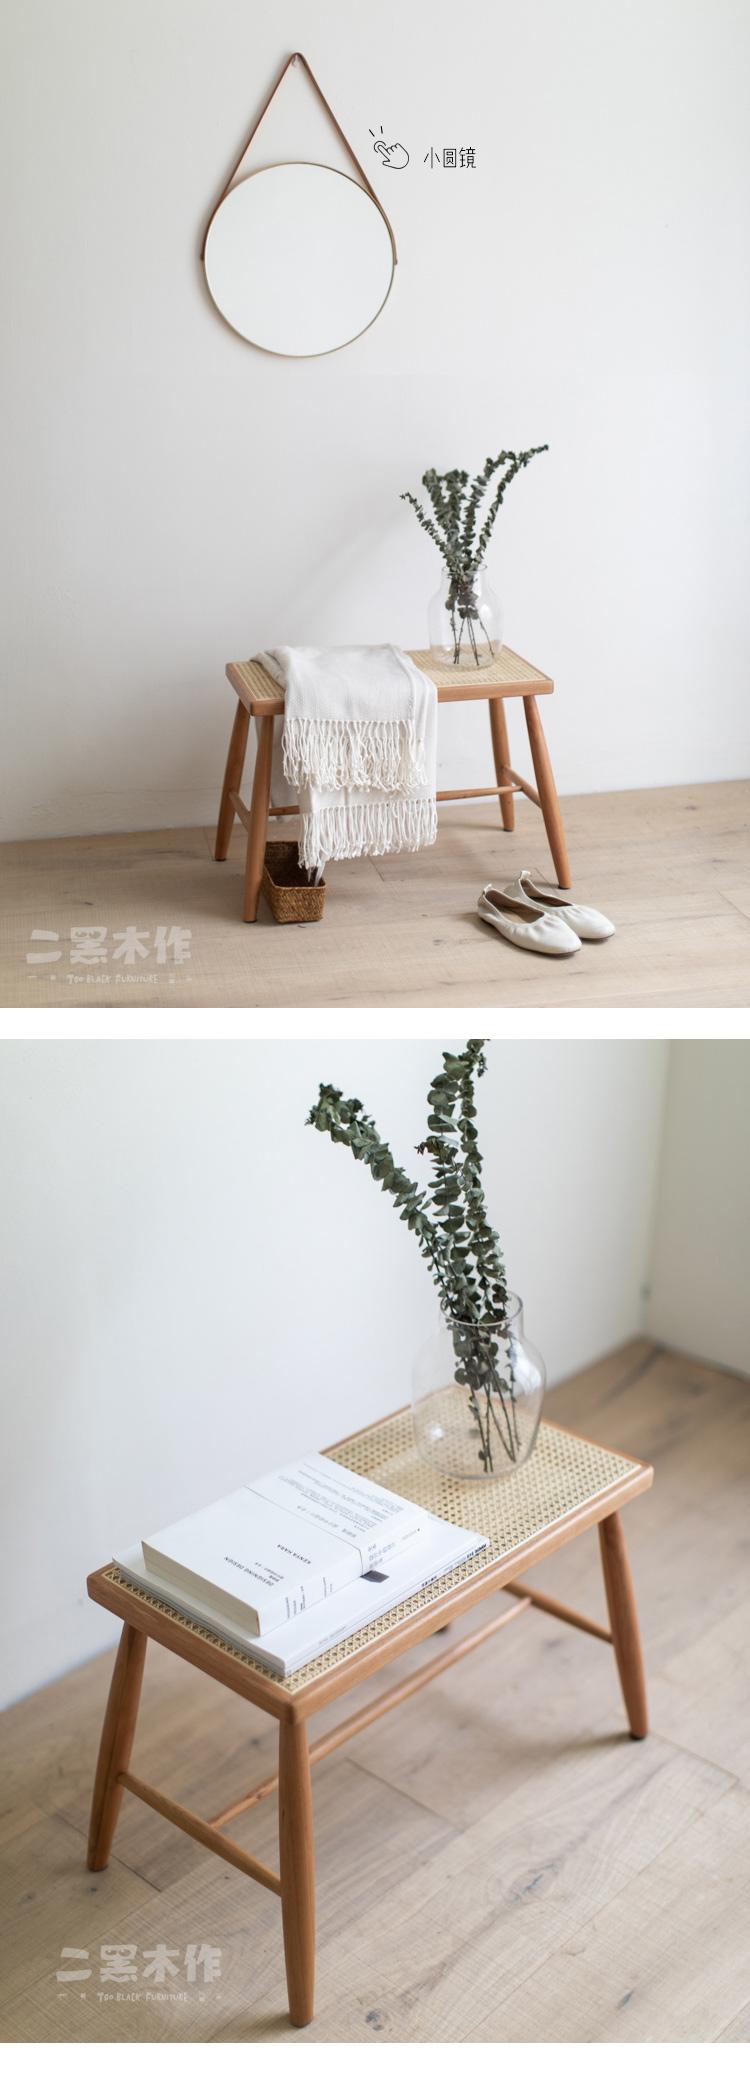 二黑木作 余闲 藤编凳 北欧日式原创实木换鞋凳门口穿鞋长凳边几